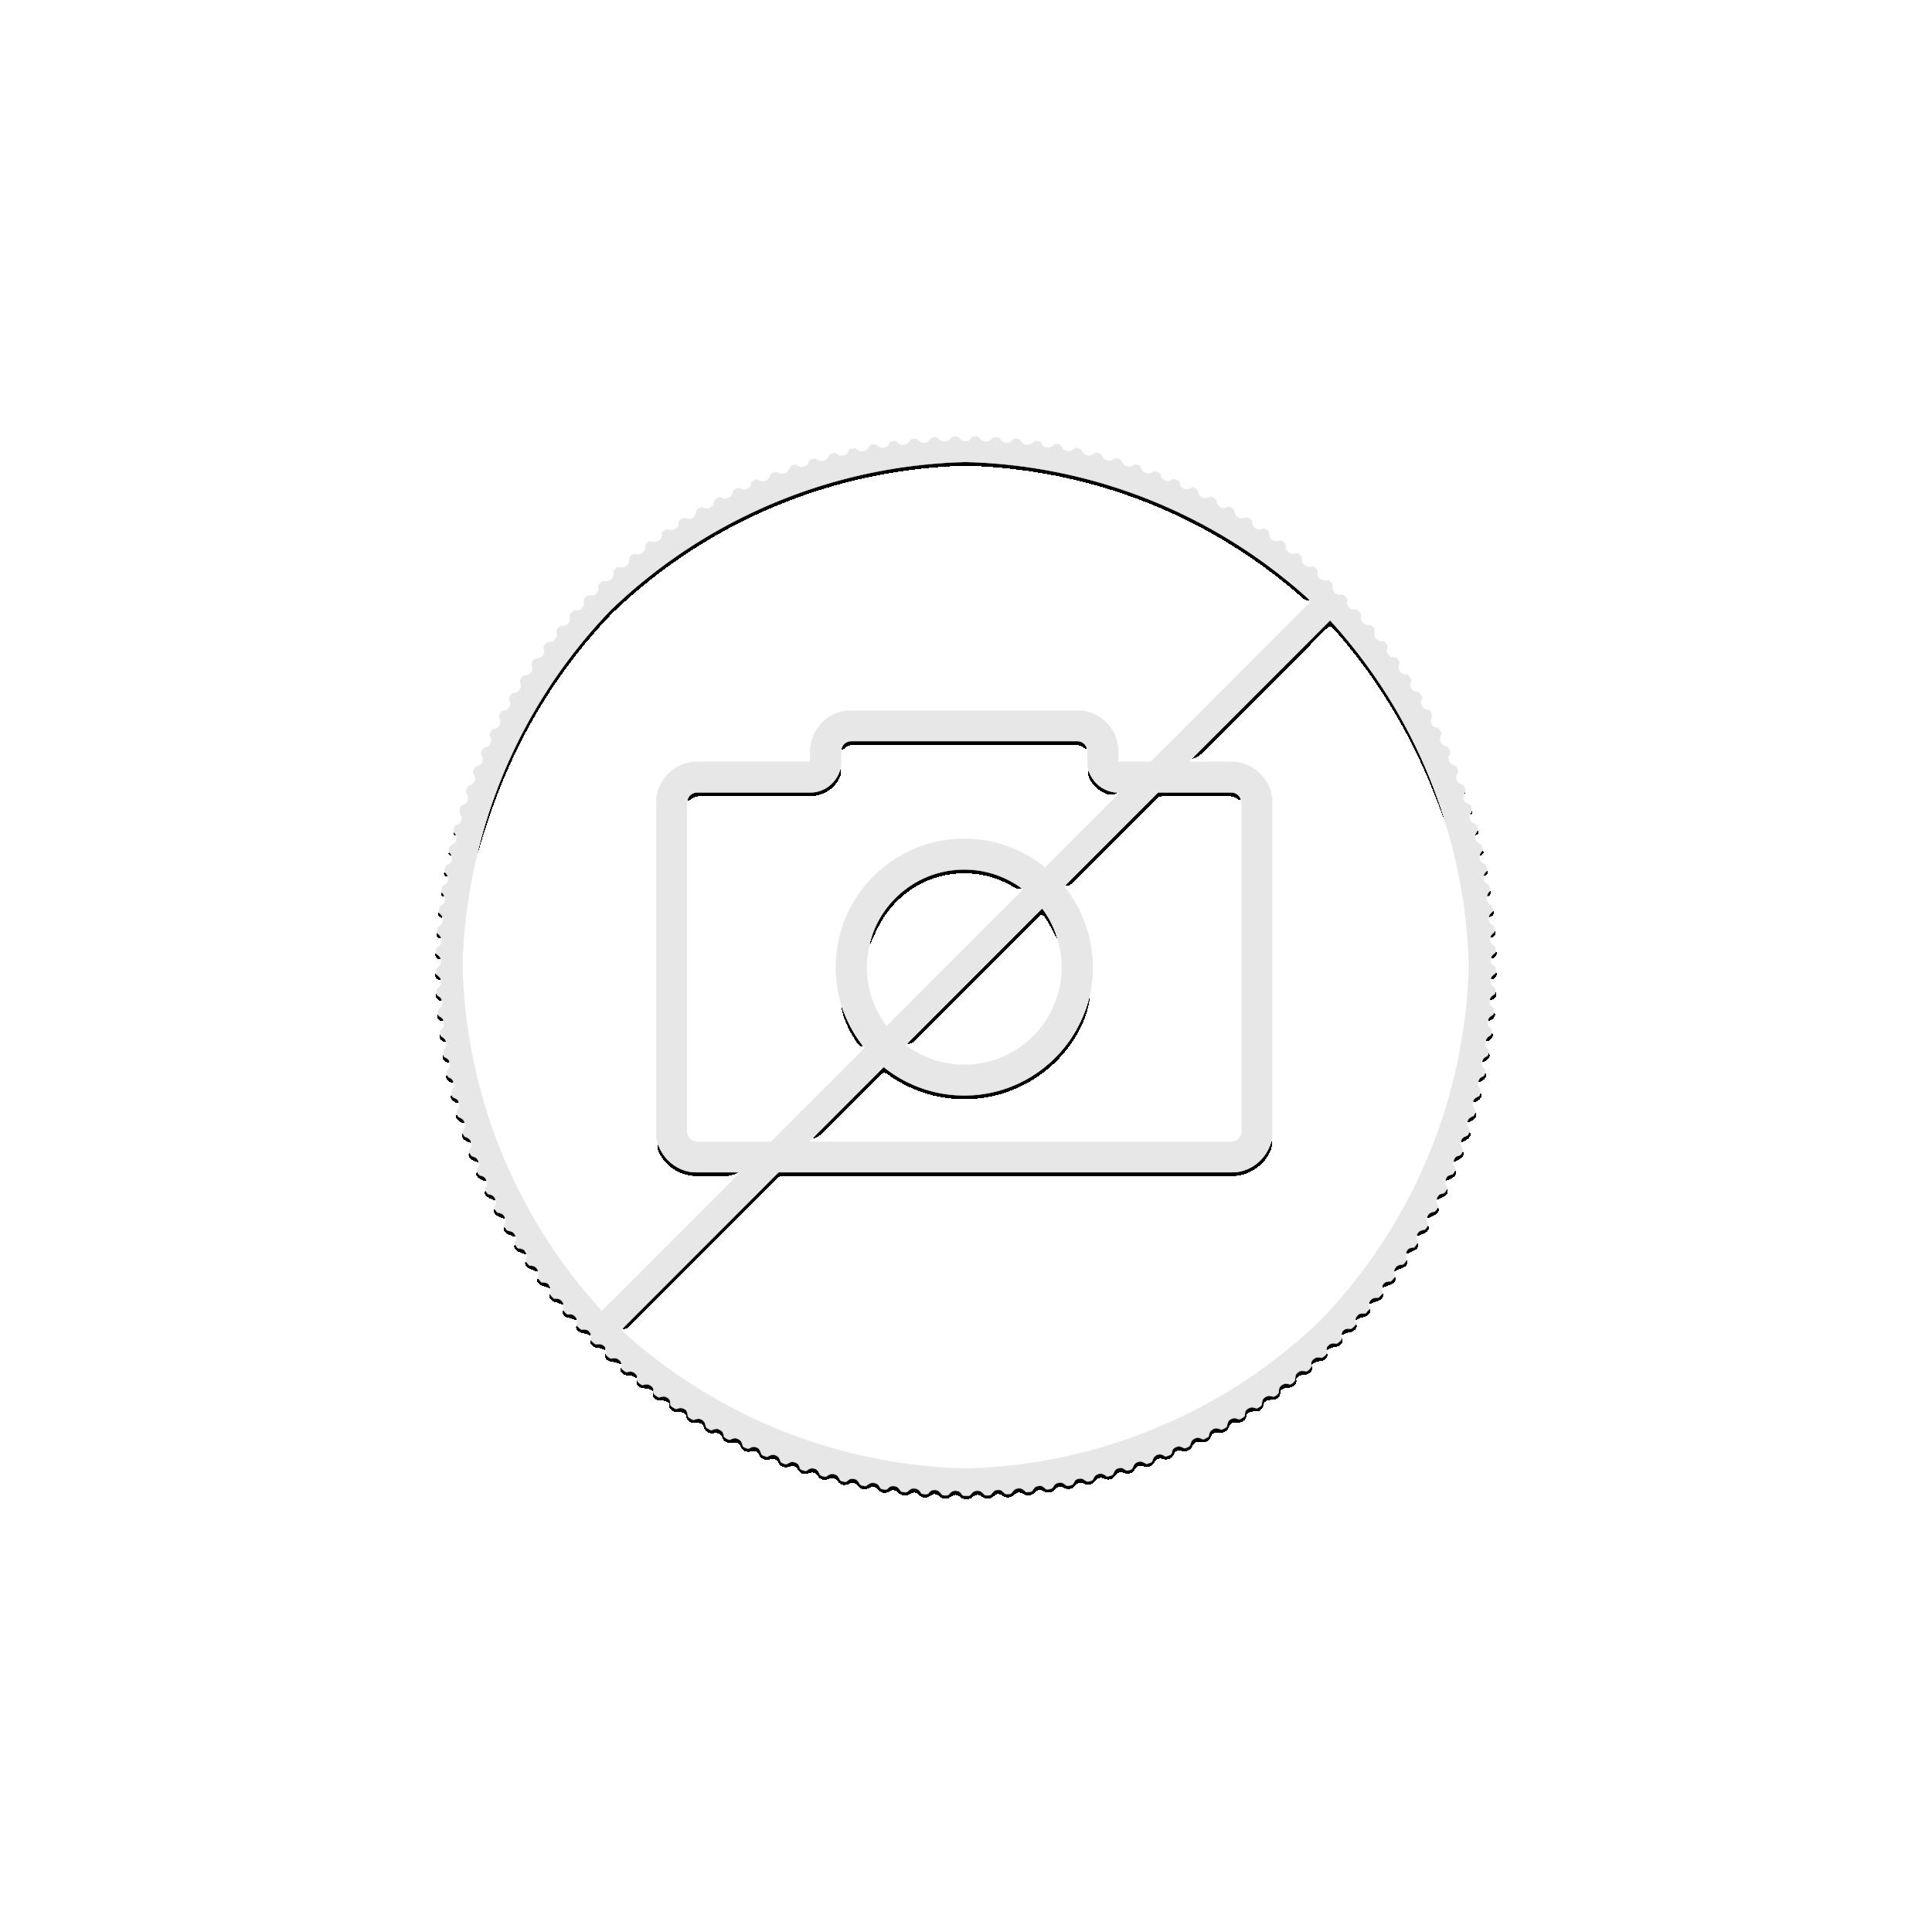 1 Troy ounce silver coin Austria Neustadt 2019